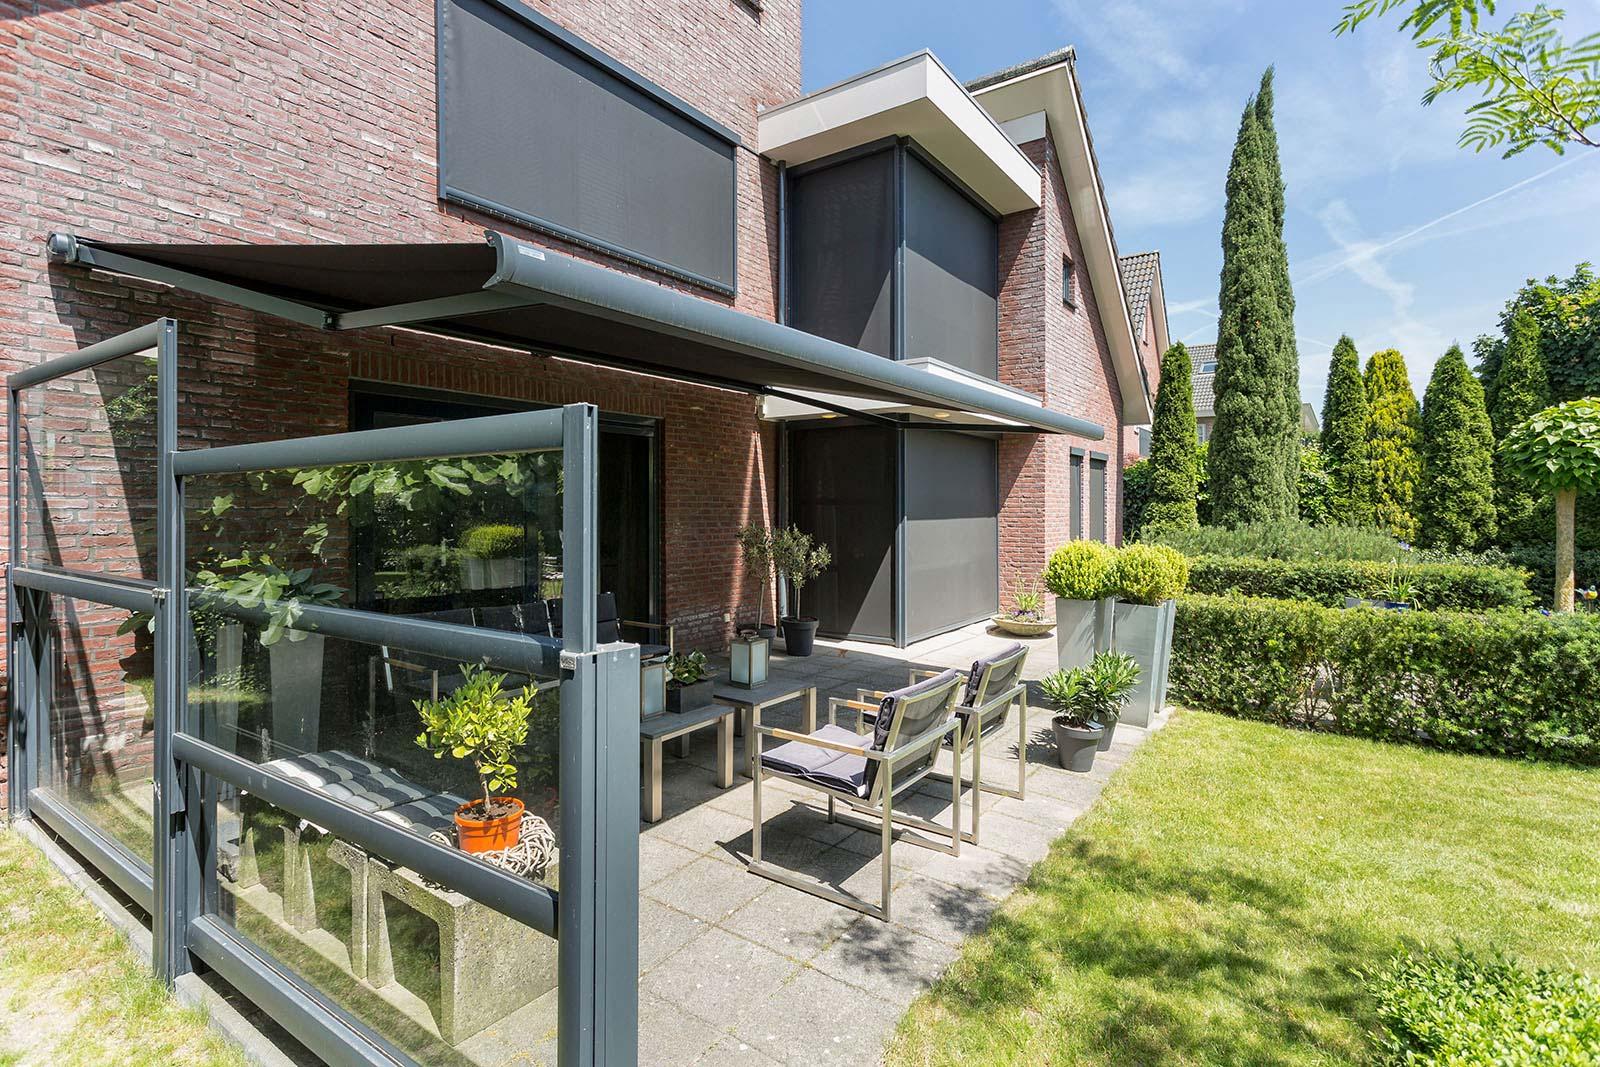 bewegl wetterschutz f r ihre terrasse direkt vom. Black Bedroom Furniture Sets. Home Design Ideas